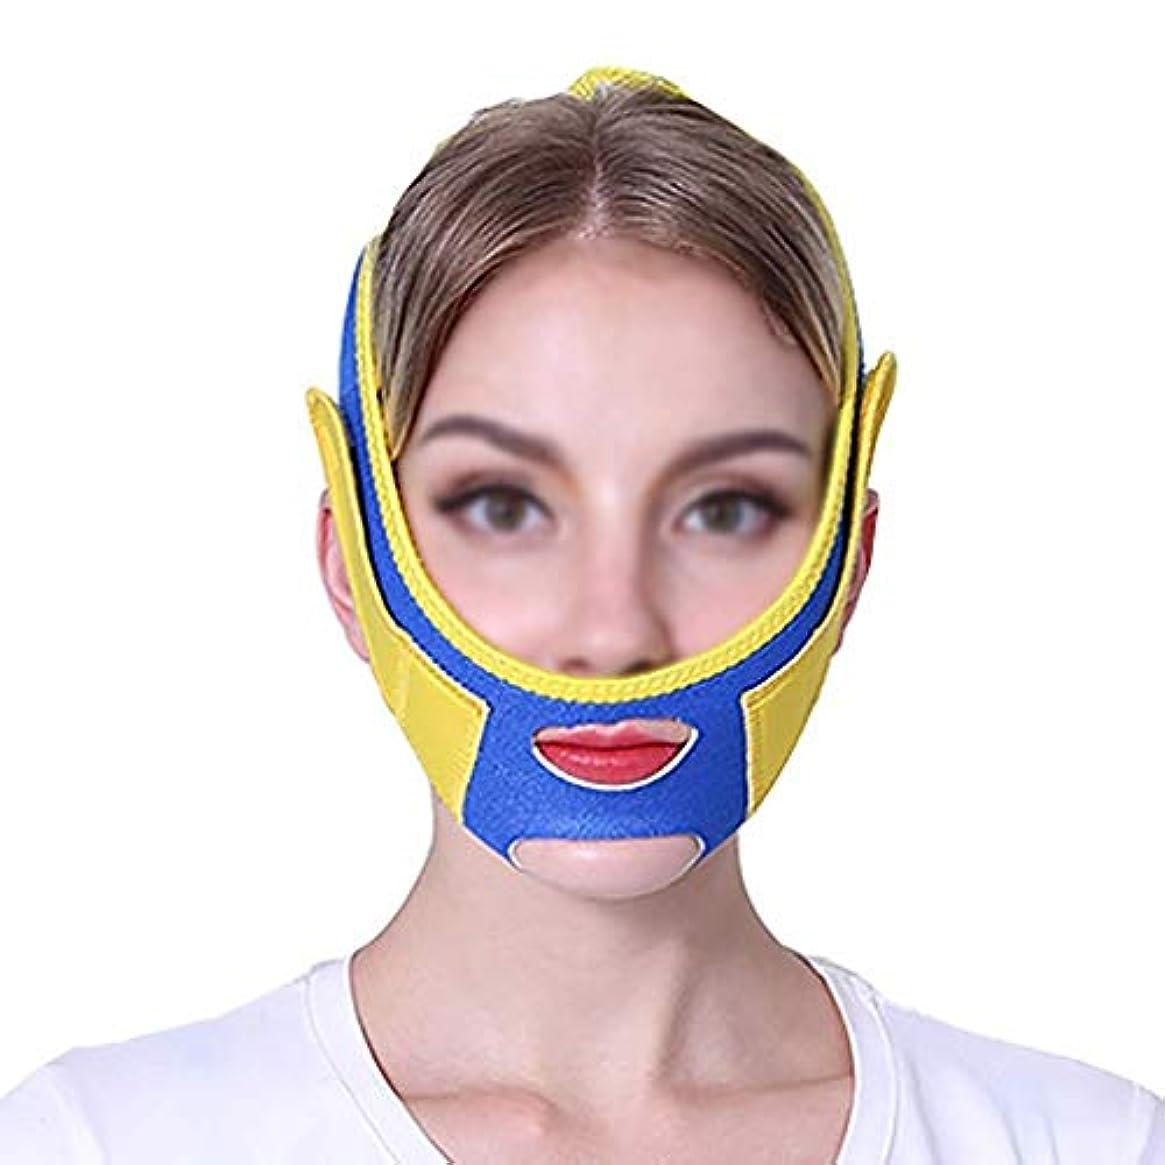 囲い口径公ファーミングフェイスマスク、スモールVフェイスアーティファクトリフティングマスクフェイスリフティングフェイスメロンフェイスリフティングフェイスマスクファーミングクリームフェイスリフティングバンデージ